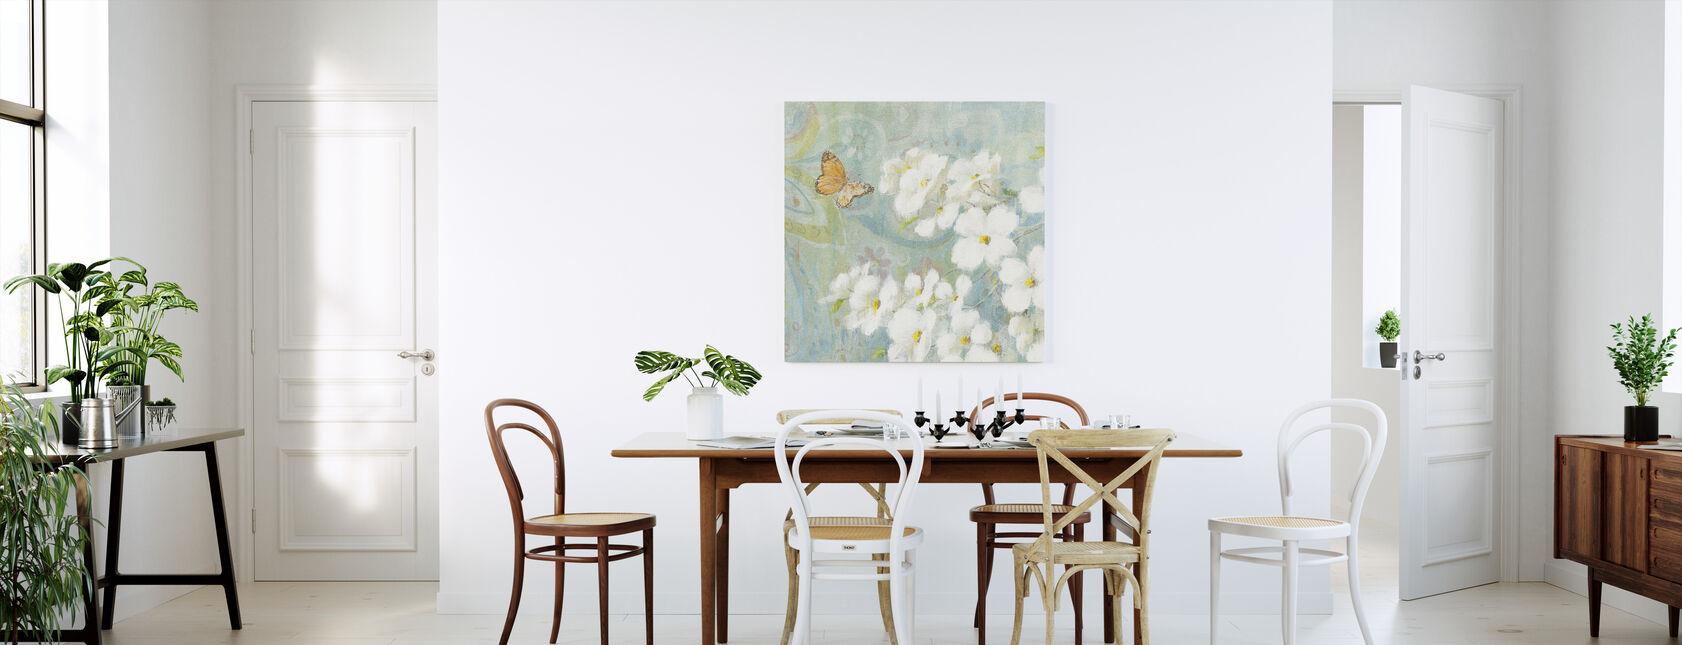 Våren dröm 1 - Canvastavla - Kök